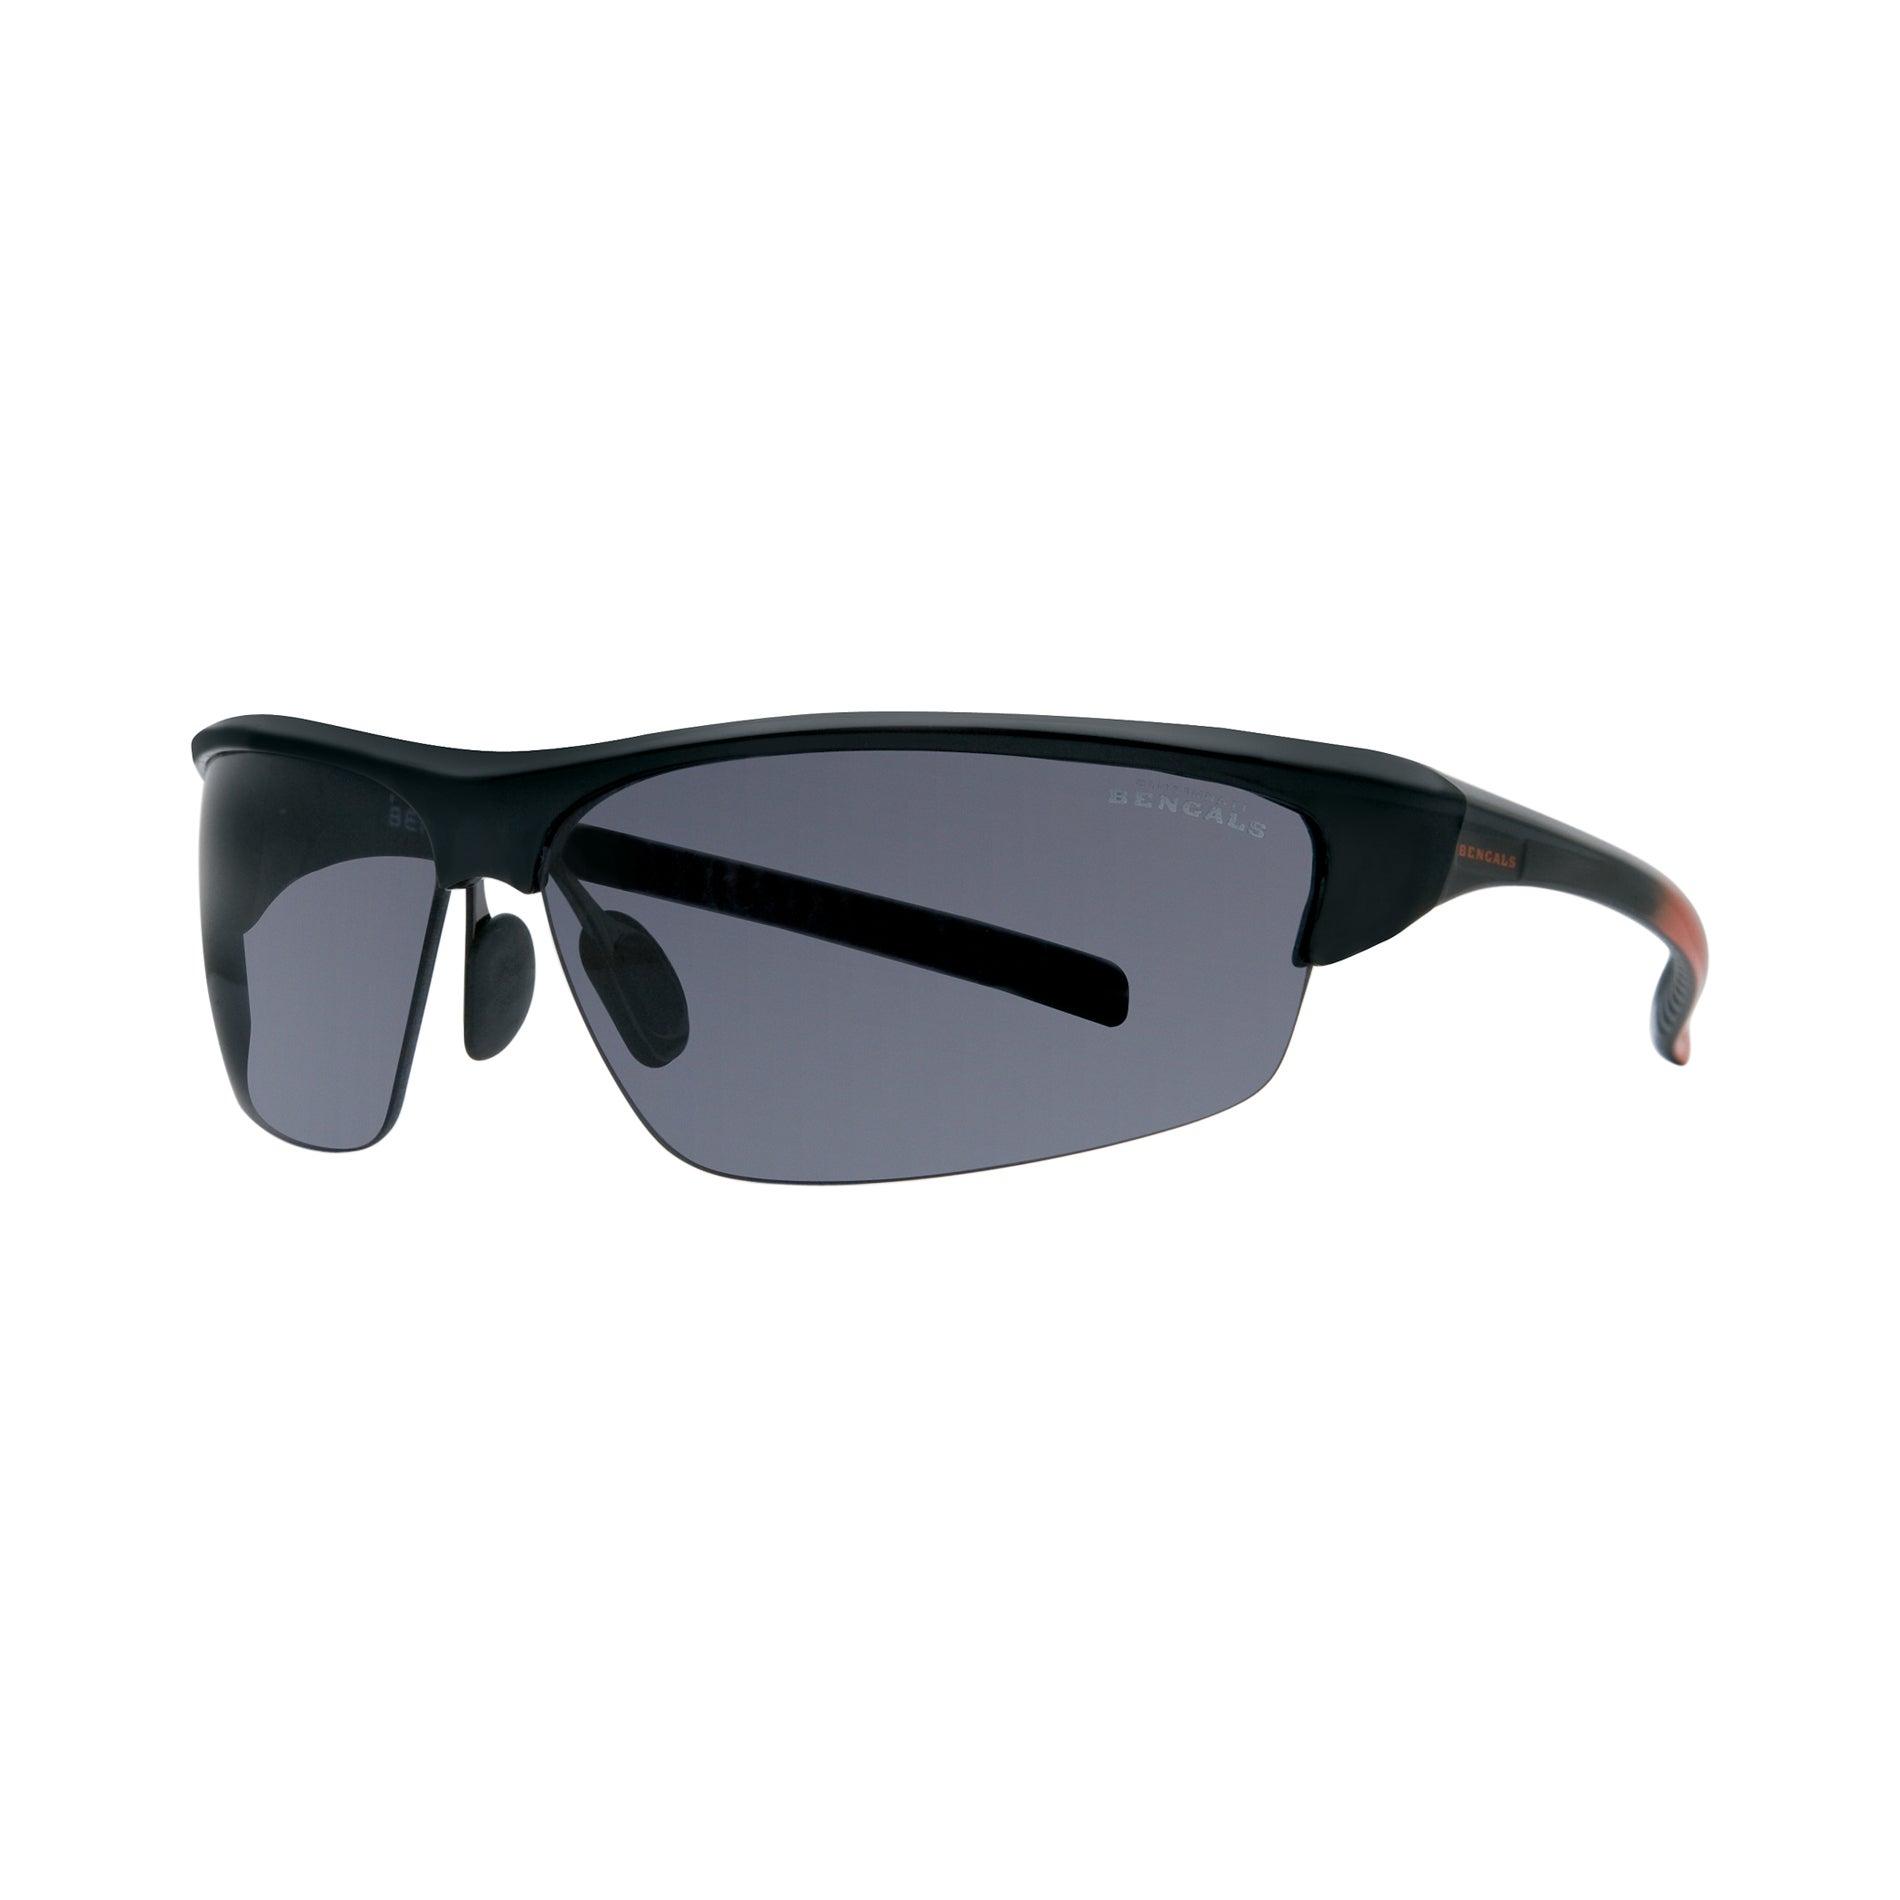 Modo Cincinnati Bengals Men's 'Impact' Sunglasses